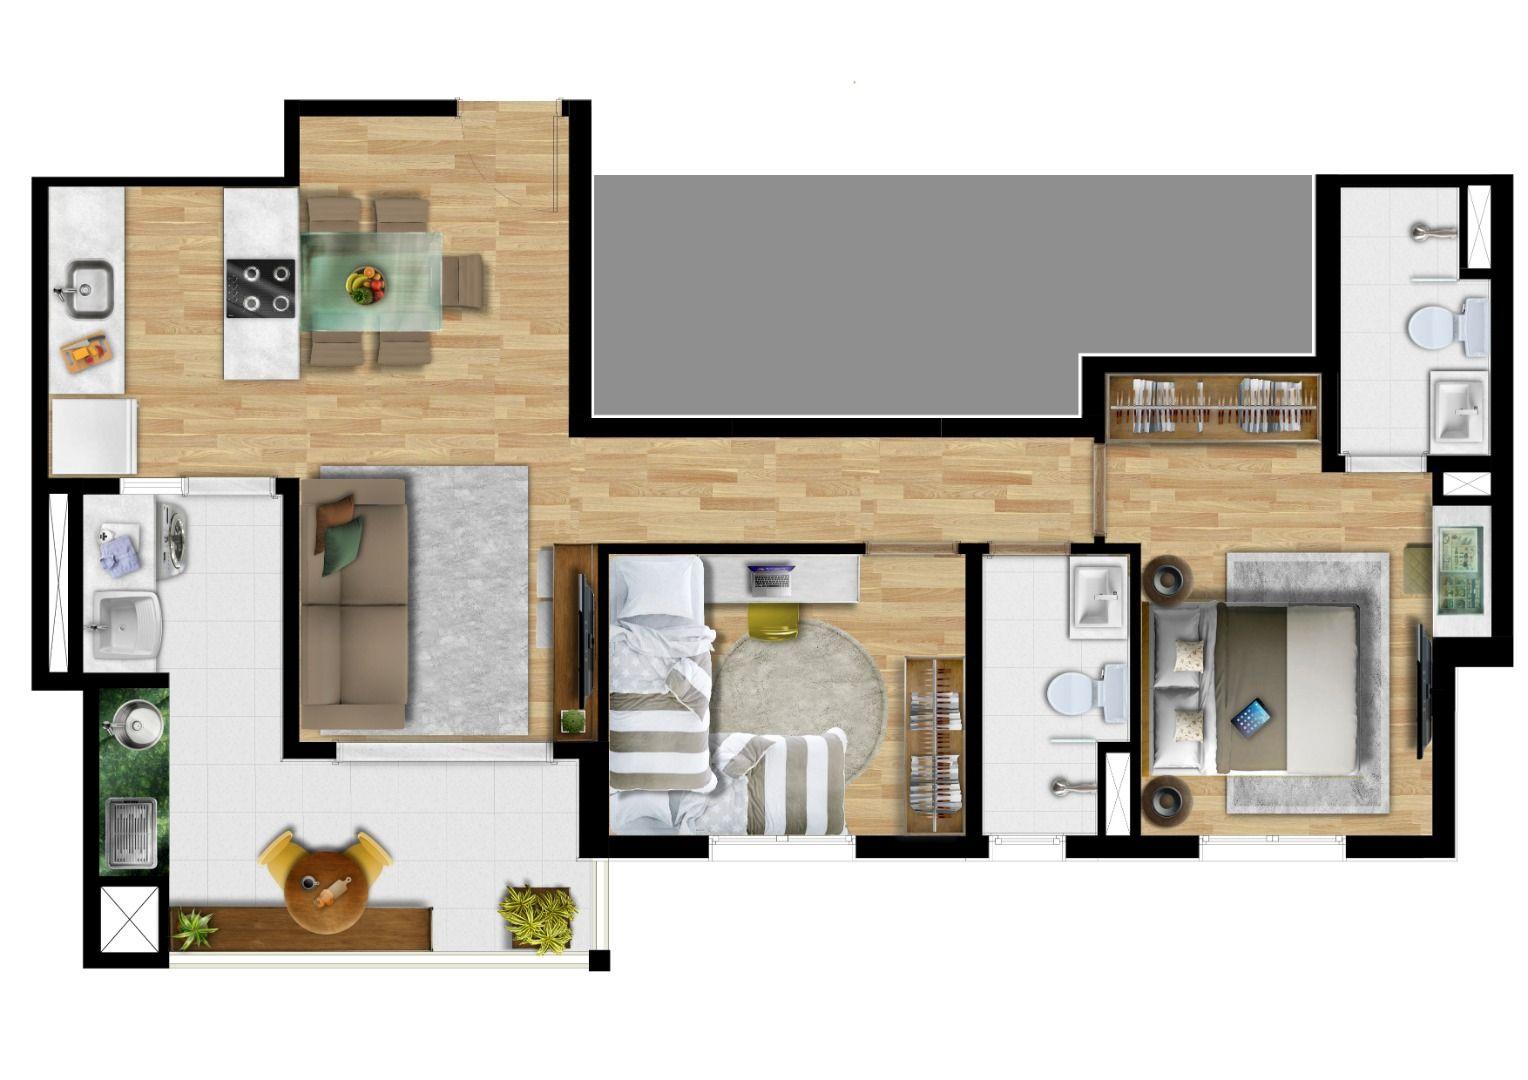 Planta do The Gate. 66 M² - 2 DORMITÓRIOS, SENDO 1 SUÍTE. Apartamentos em Picanço com opção de cozinha americana integrada ao living. A suíte possui infraestrutura para ar-condicionado.